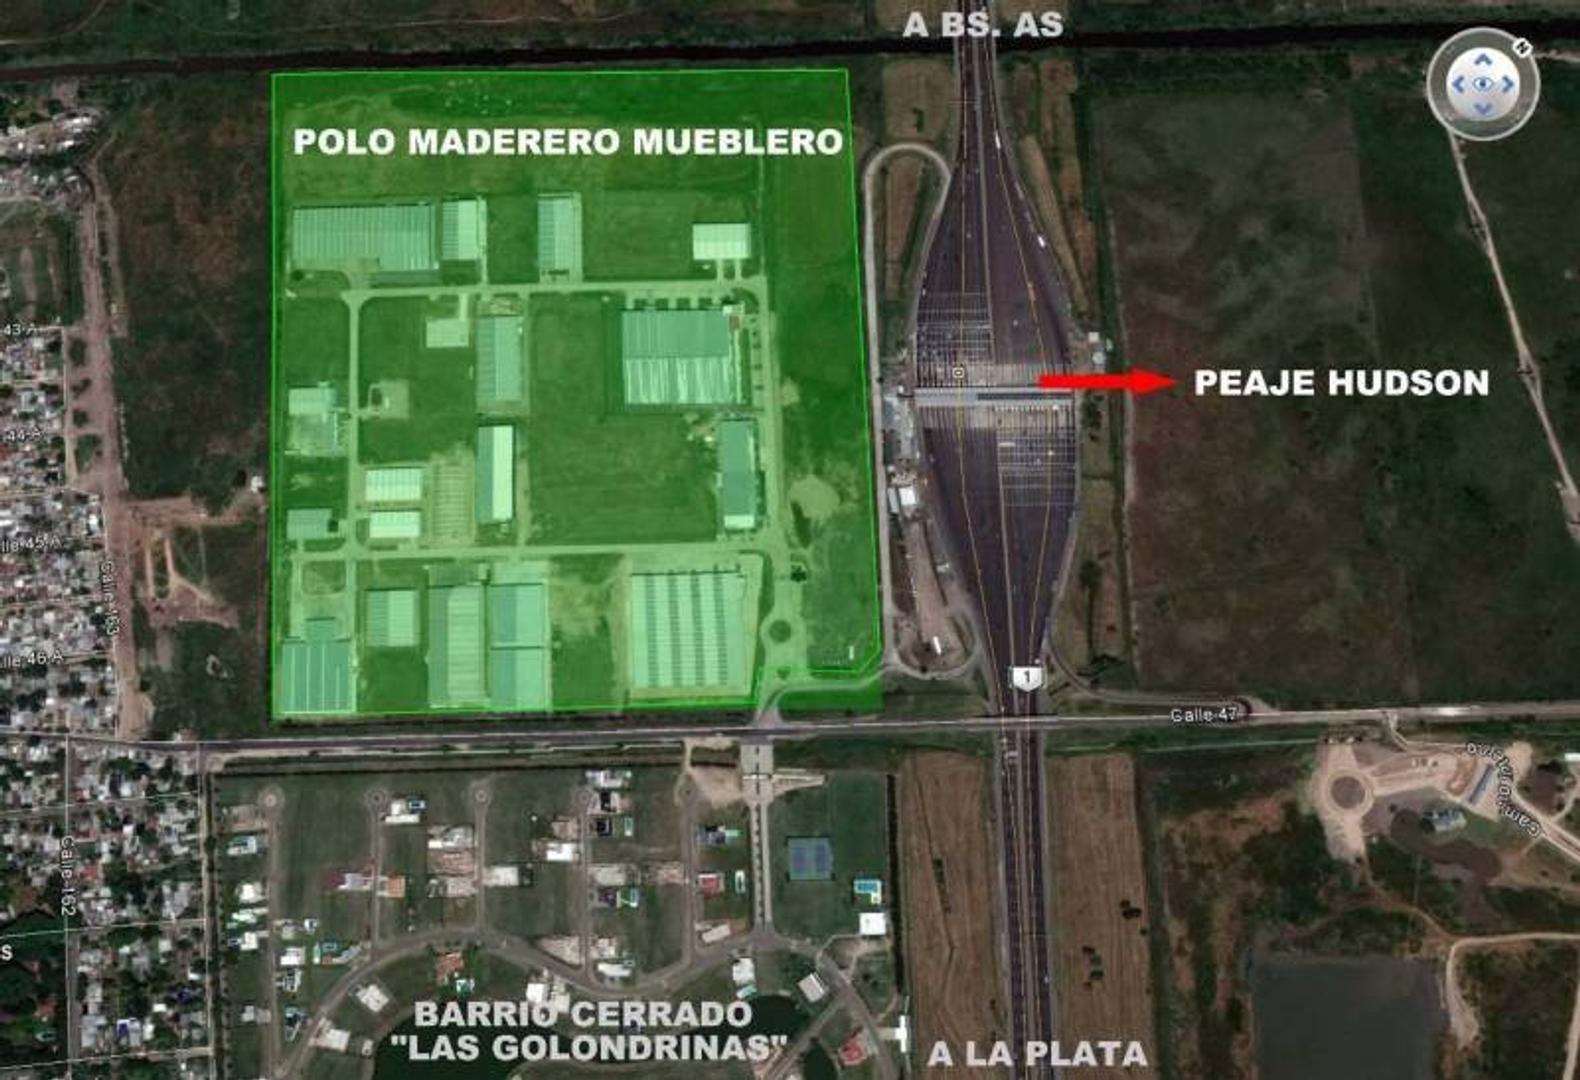 Exelente ubicacion Lote Polo Maderero!!